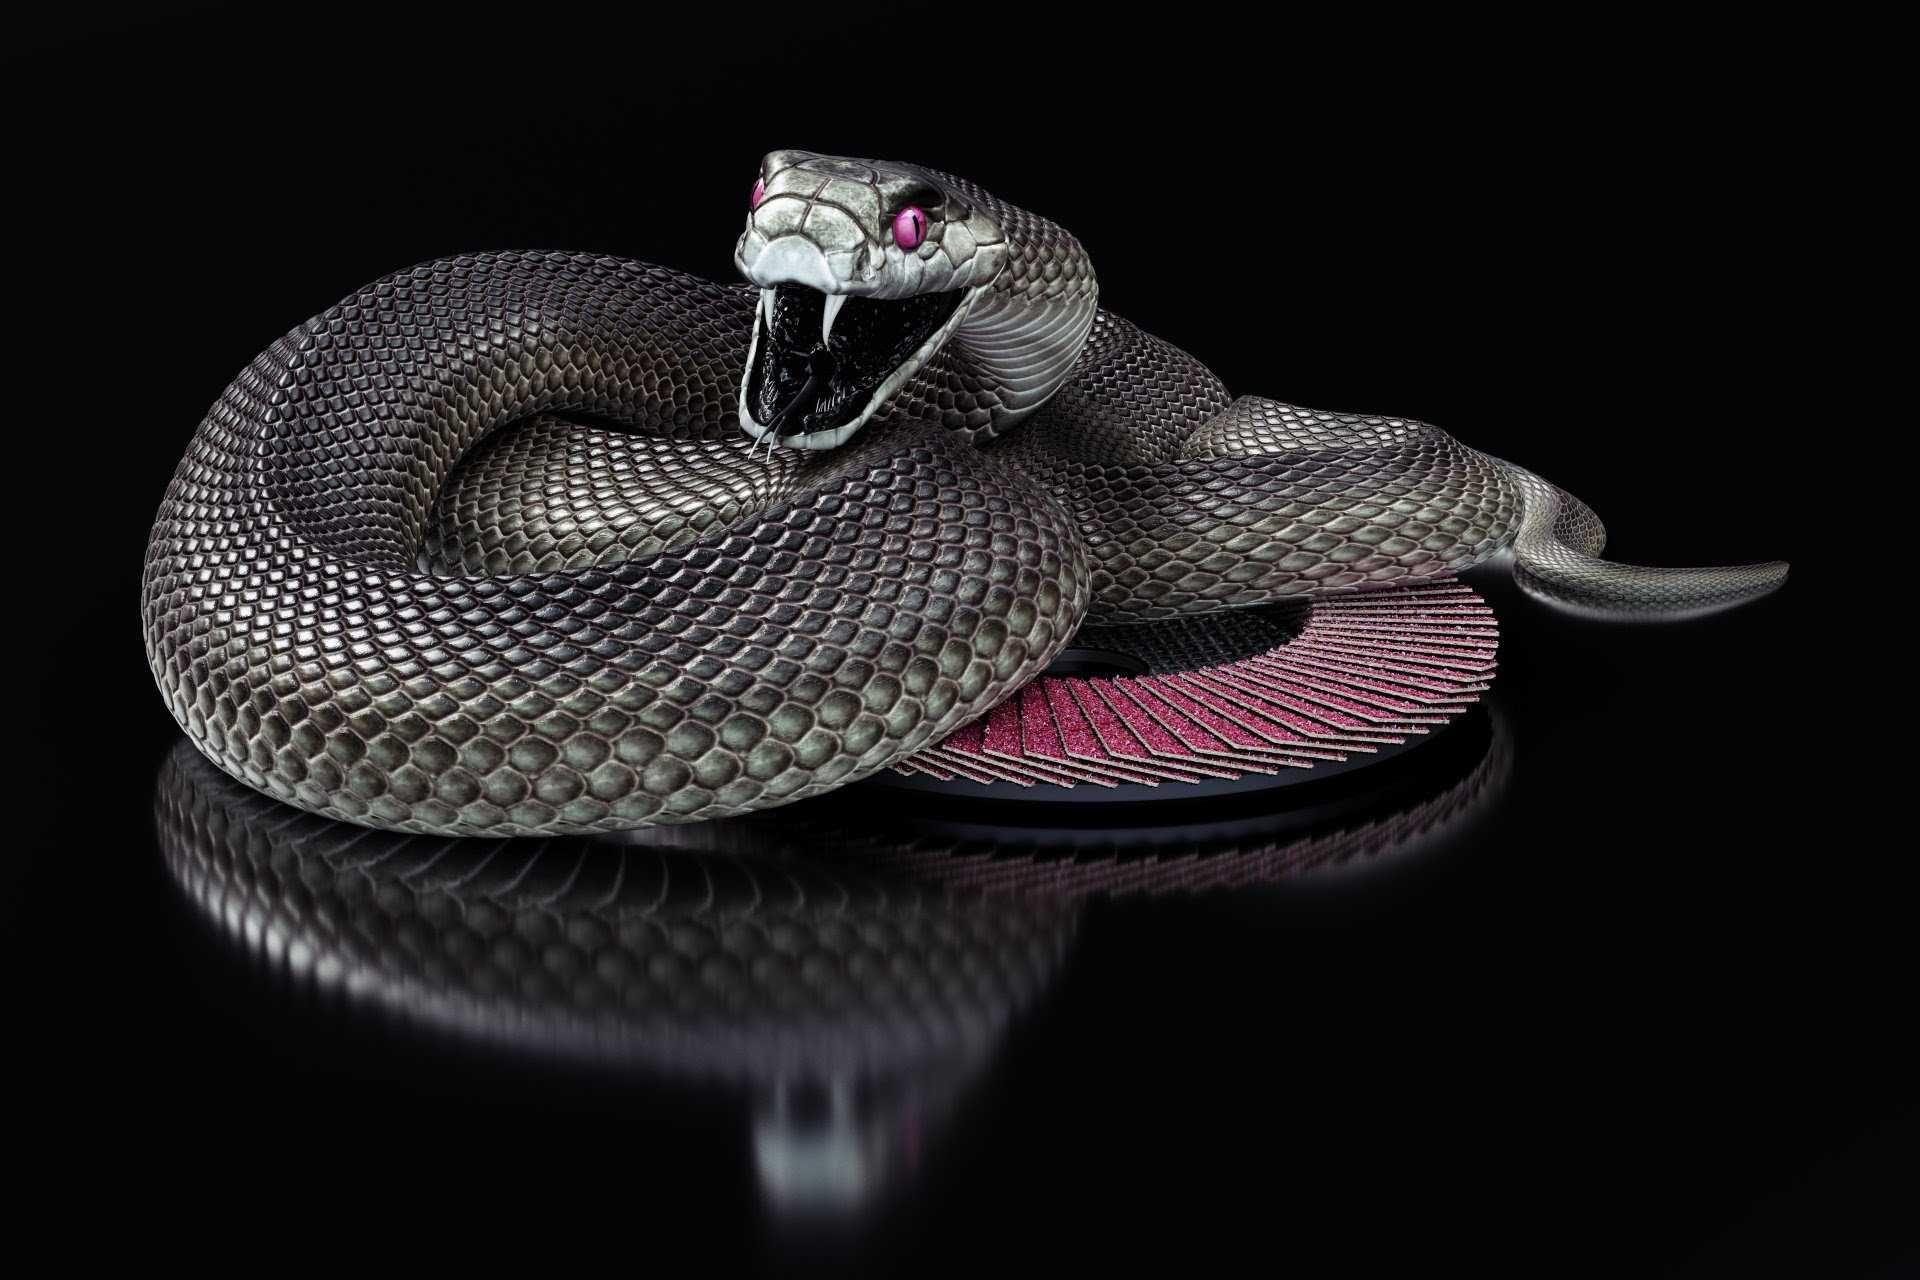 Pin By Ellen Tanner On Snakes Snake Wallpaper Black Mamba Black Mamba Snake